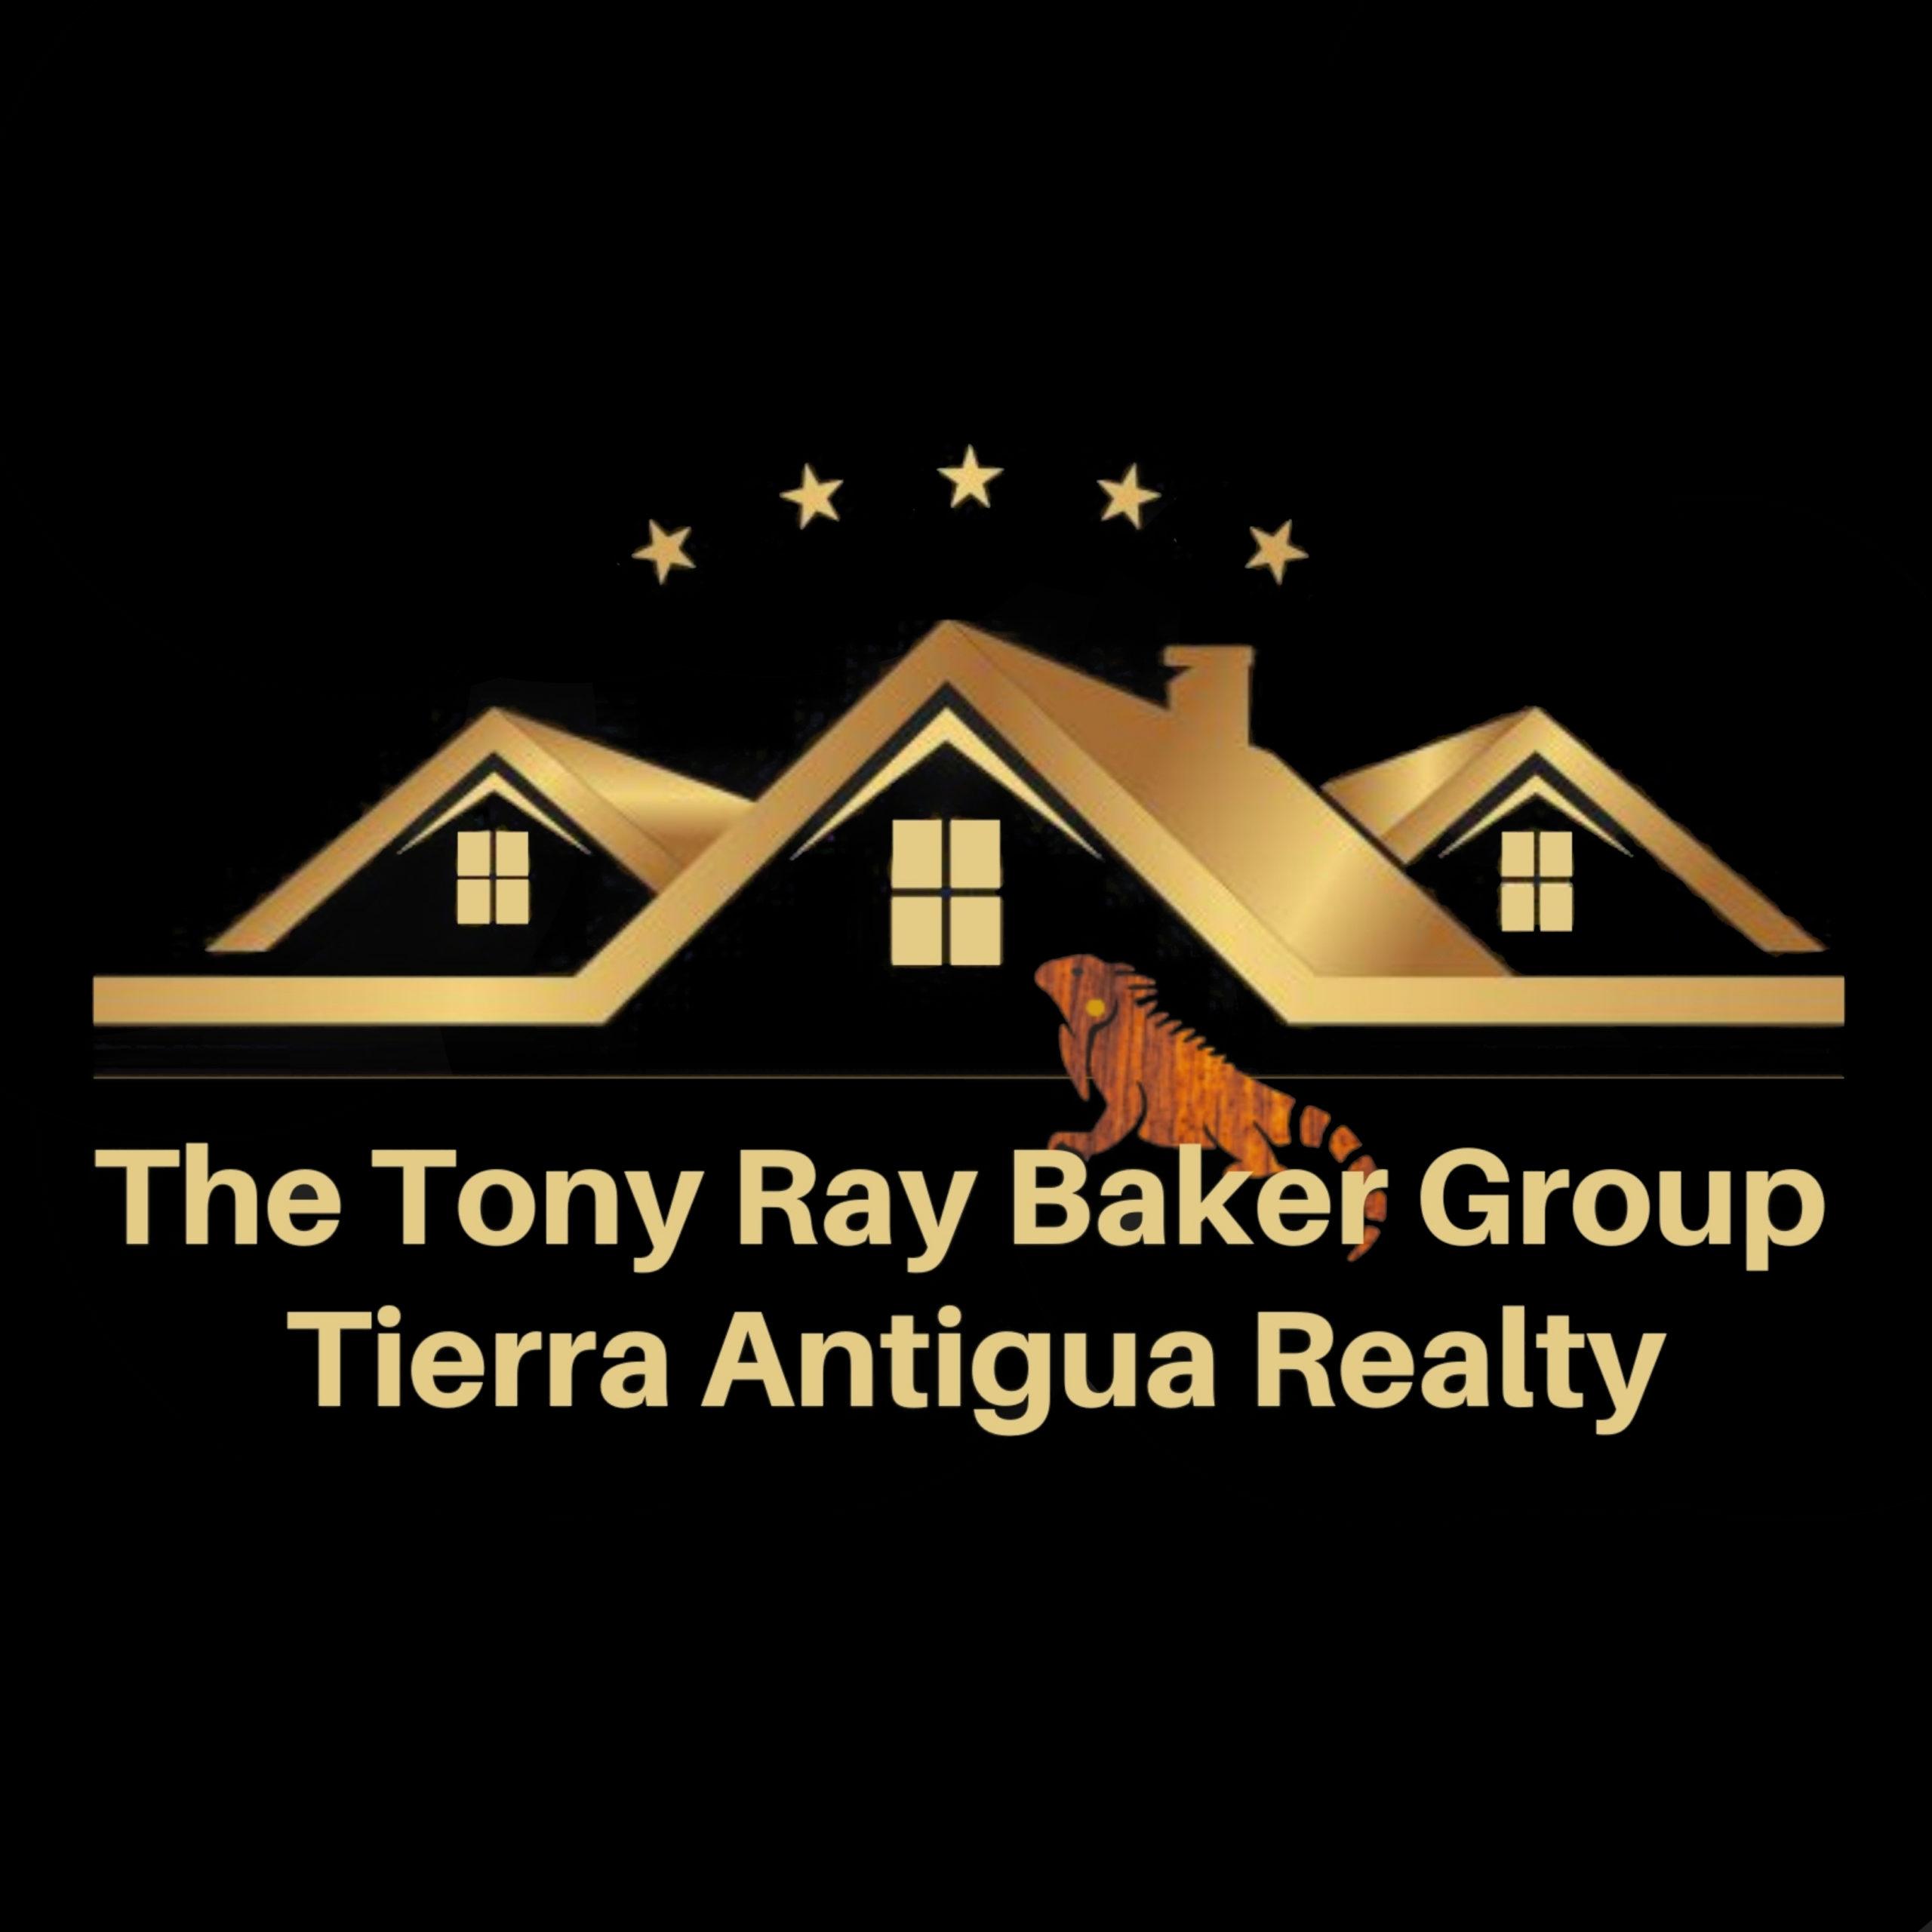 luxury iguana logo Tony Ray Baker Tucson REALTOR Homes for sale